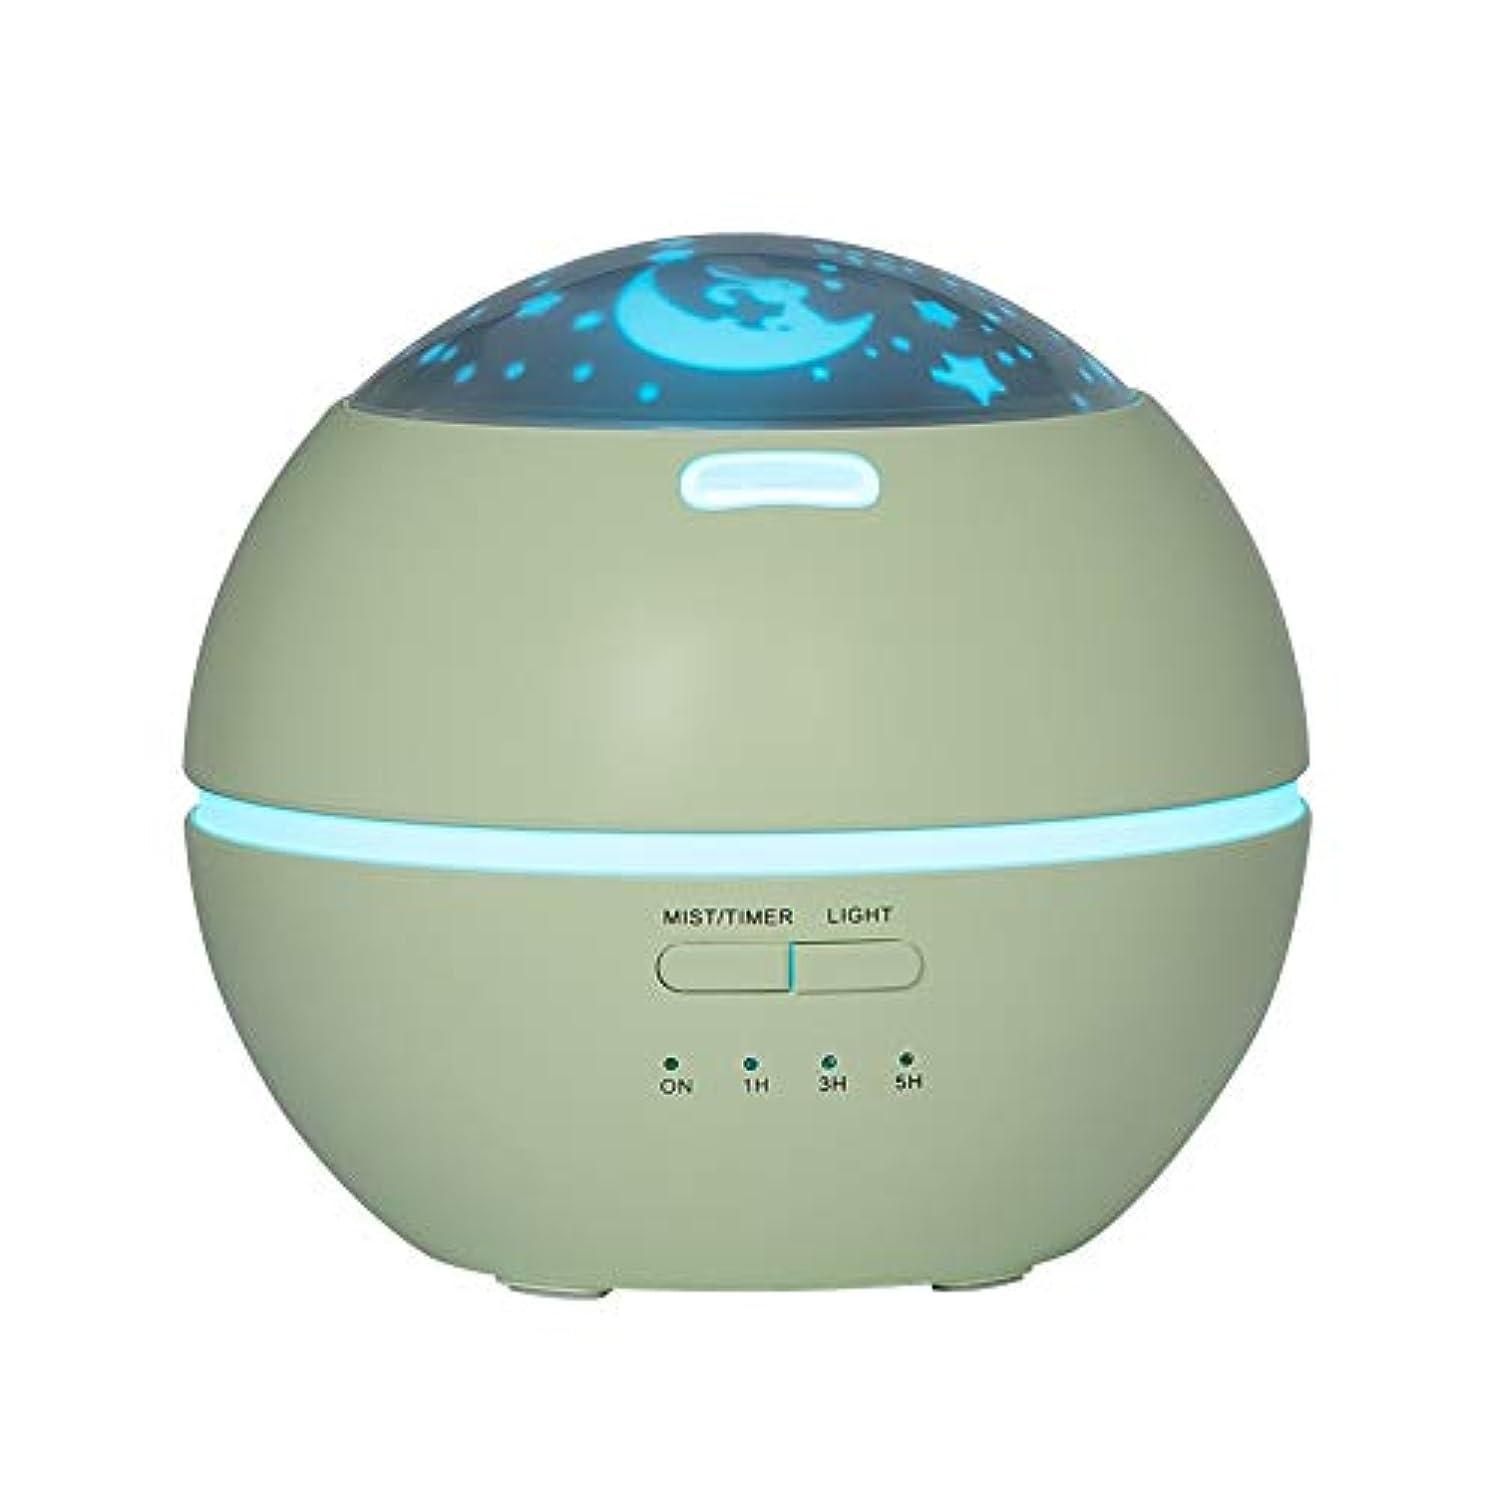 電子レンジ曖昧なファンネルウェブスパイダーLIBESON 加湿器 卓上 超音波式 アロマディフューザー 8色LEDライト変換 超静音 ミス調整可能 時間設定タイマー機能付き 空焚き防止機能搭載 アロマ加湿器 ホワイト150mL (グリーン)